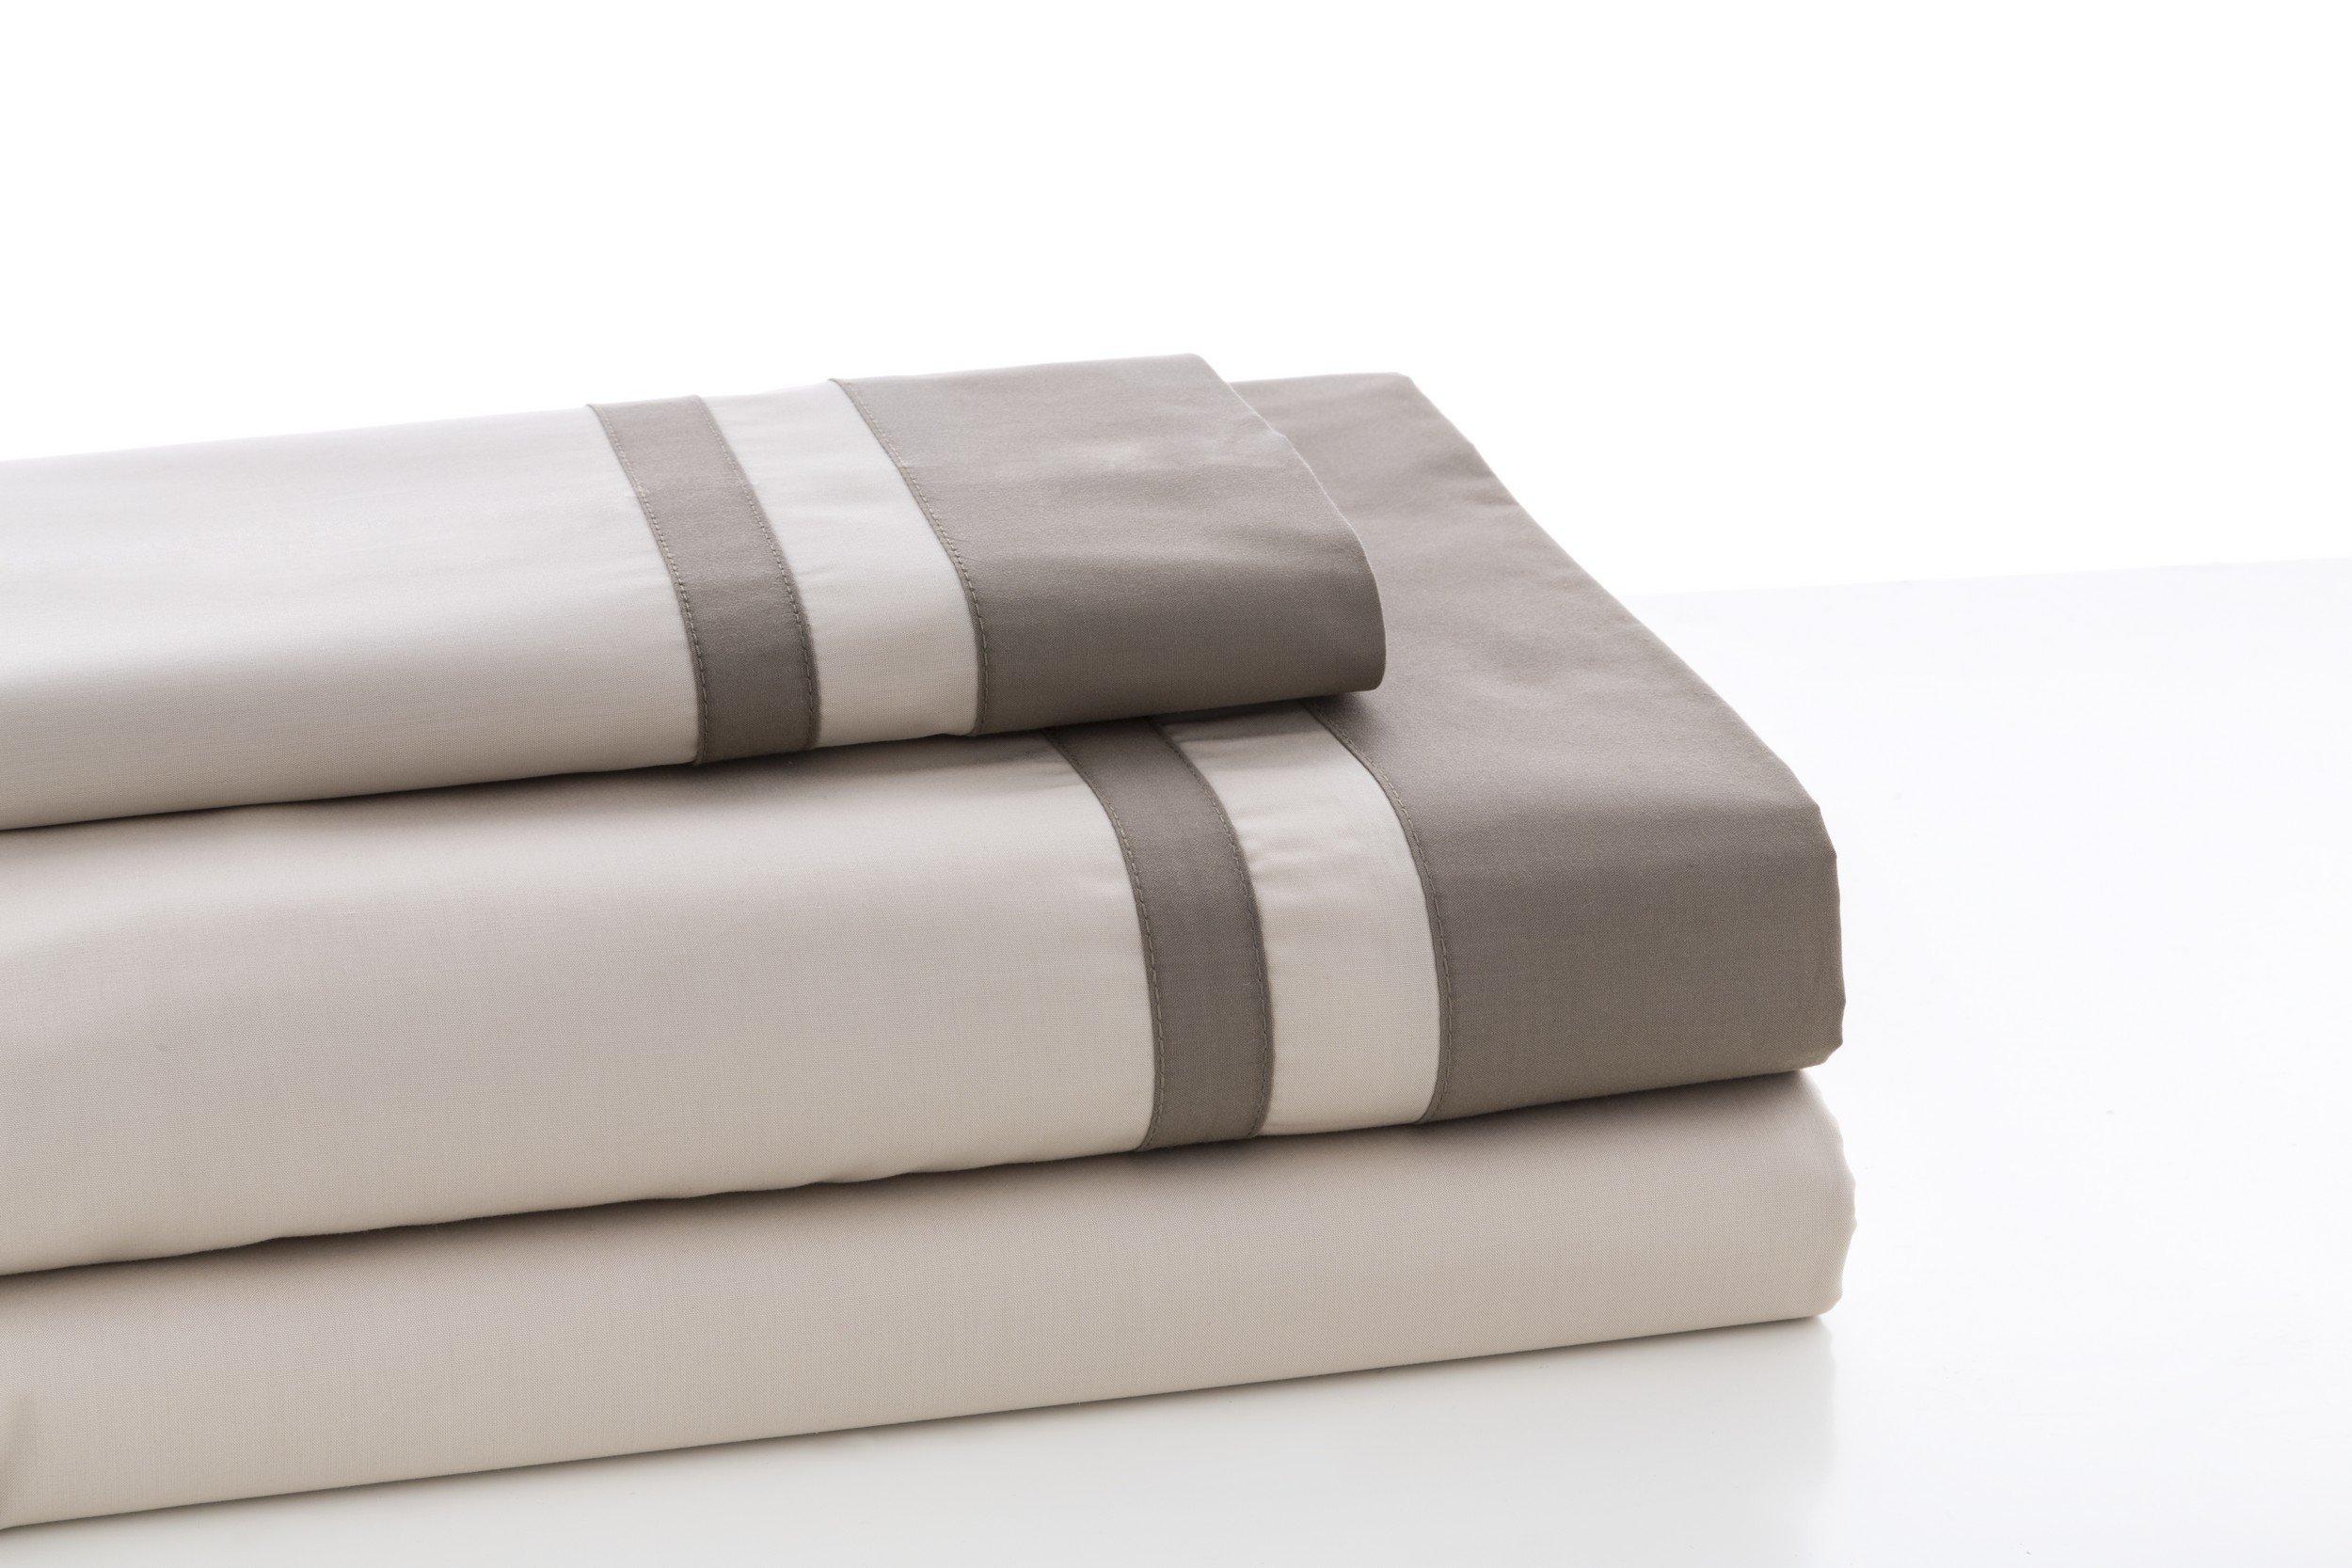 ESTELA - Juego de sábanas Lisos Marbella Color Piedra-Visón - Cama de 105 cm (3 Piezas) - 100% Algodón - 200 Hilos - con Bajera Ajustable de 30 cm. de Altura.: Amazon.es: Hogar